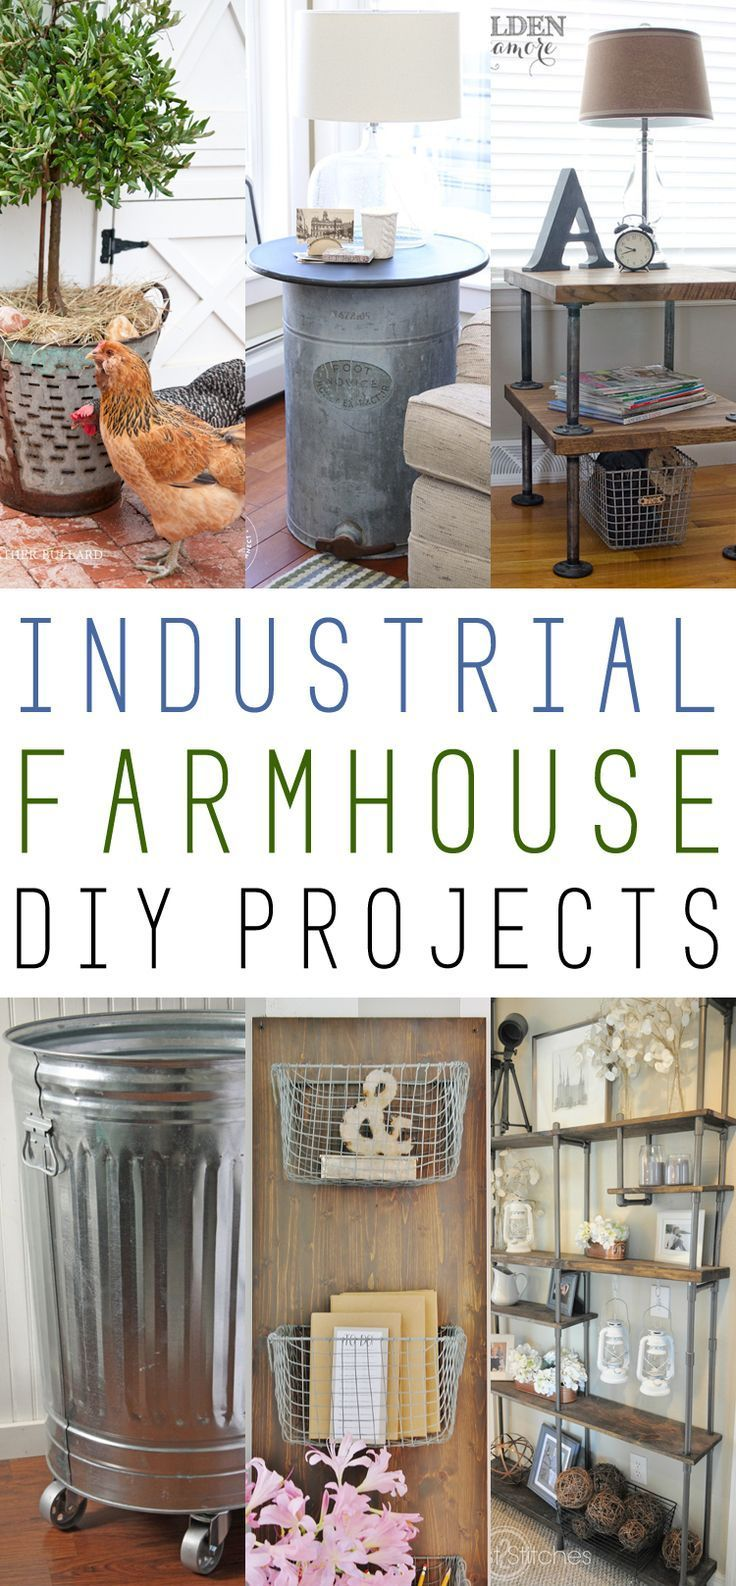 inspiring industrial farmhouse living room | Farmhouse Fridays /// Industrial Farmhouse DIY Projects ...